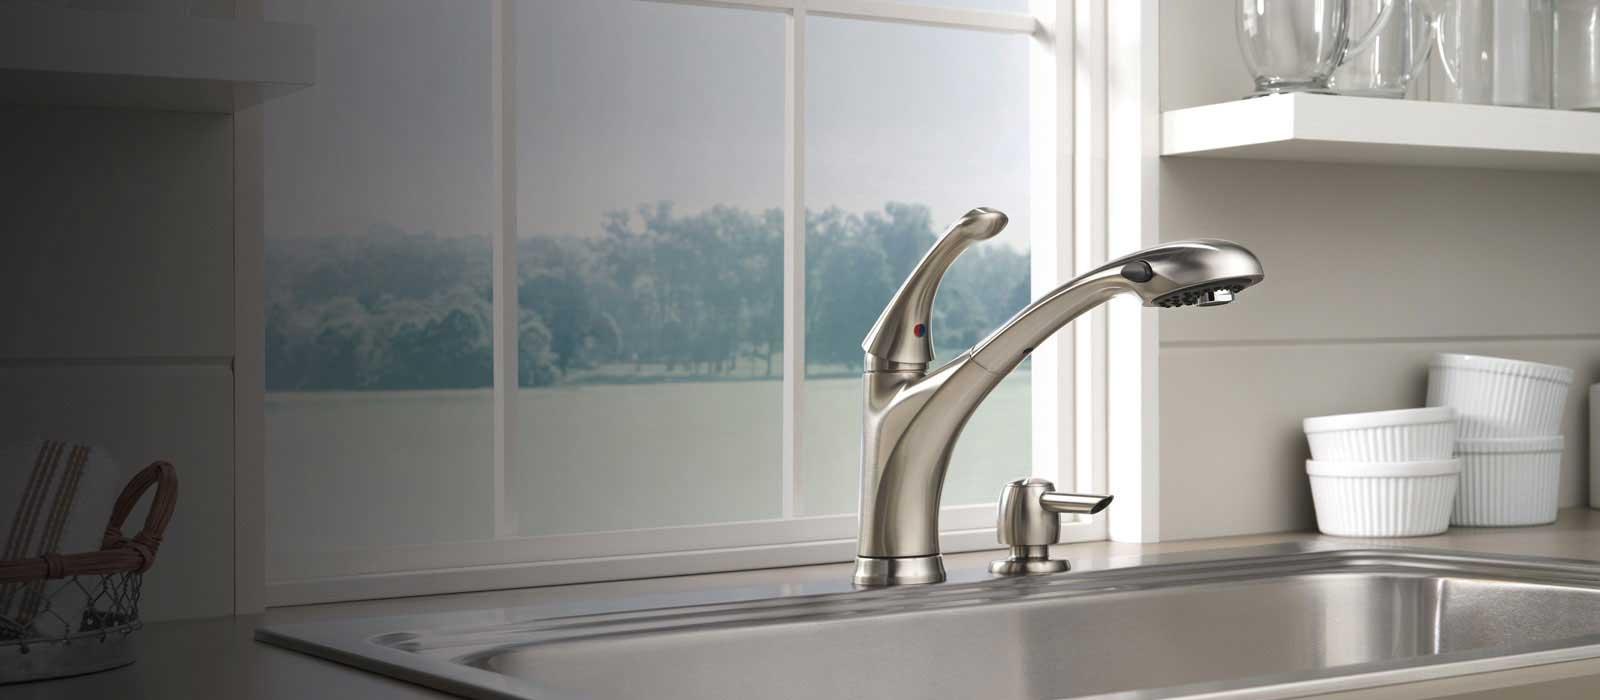 Debonair Kitchen Collection Delta Faucet